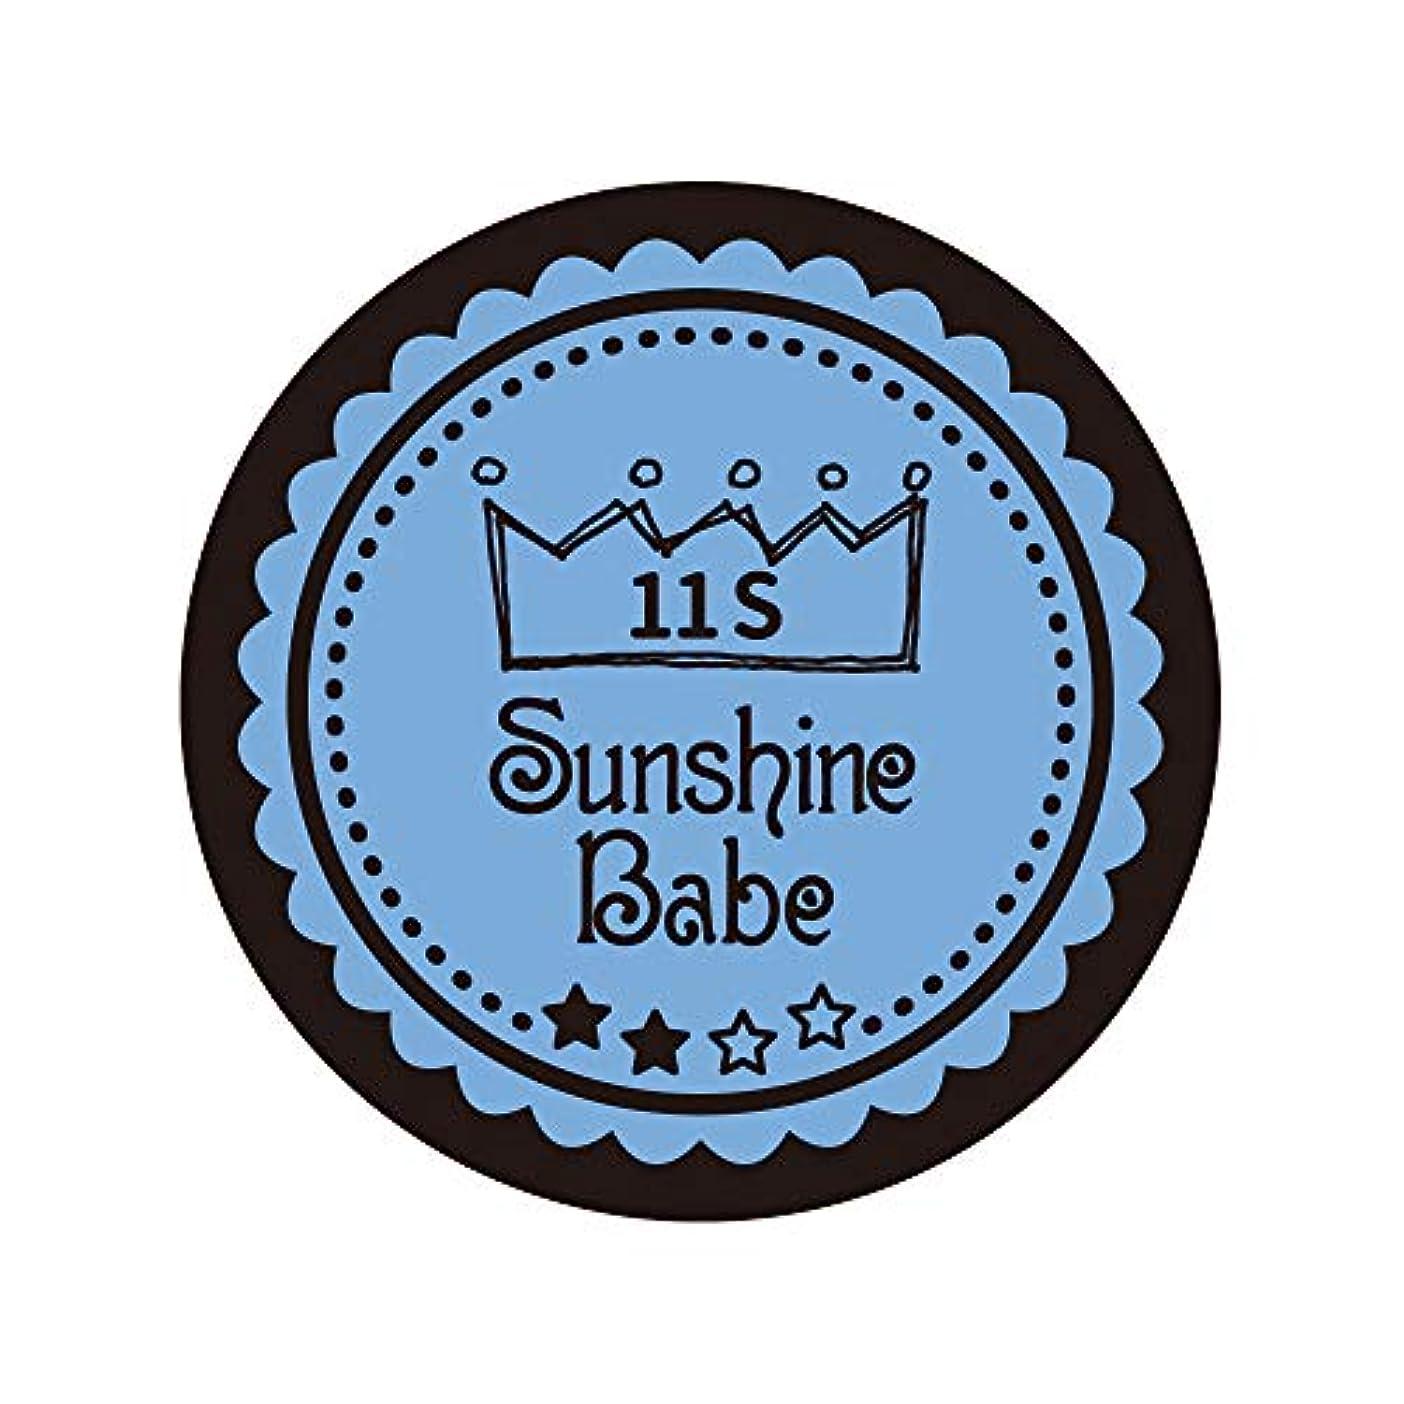 ソロボールブレースSunshine Babe コスメティックカラー 11S リトルボーイブルー 4g UV/LED対応